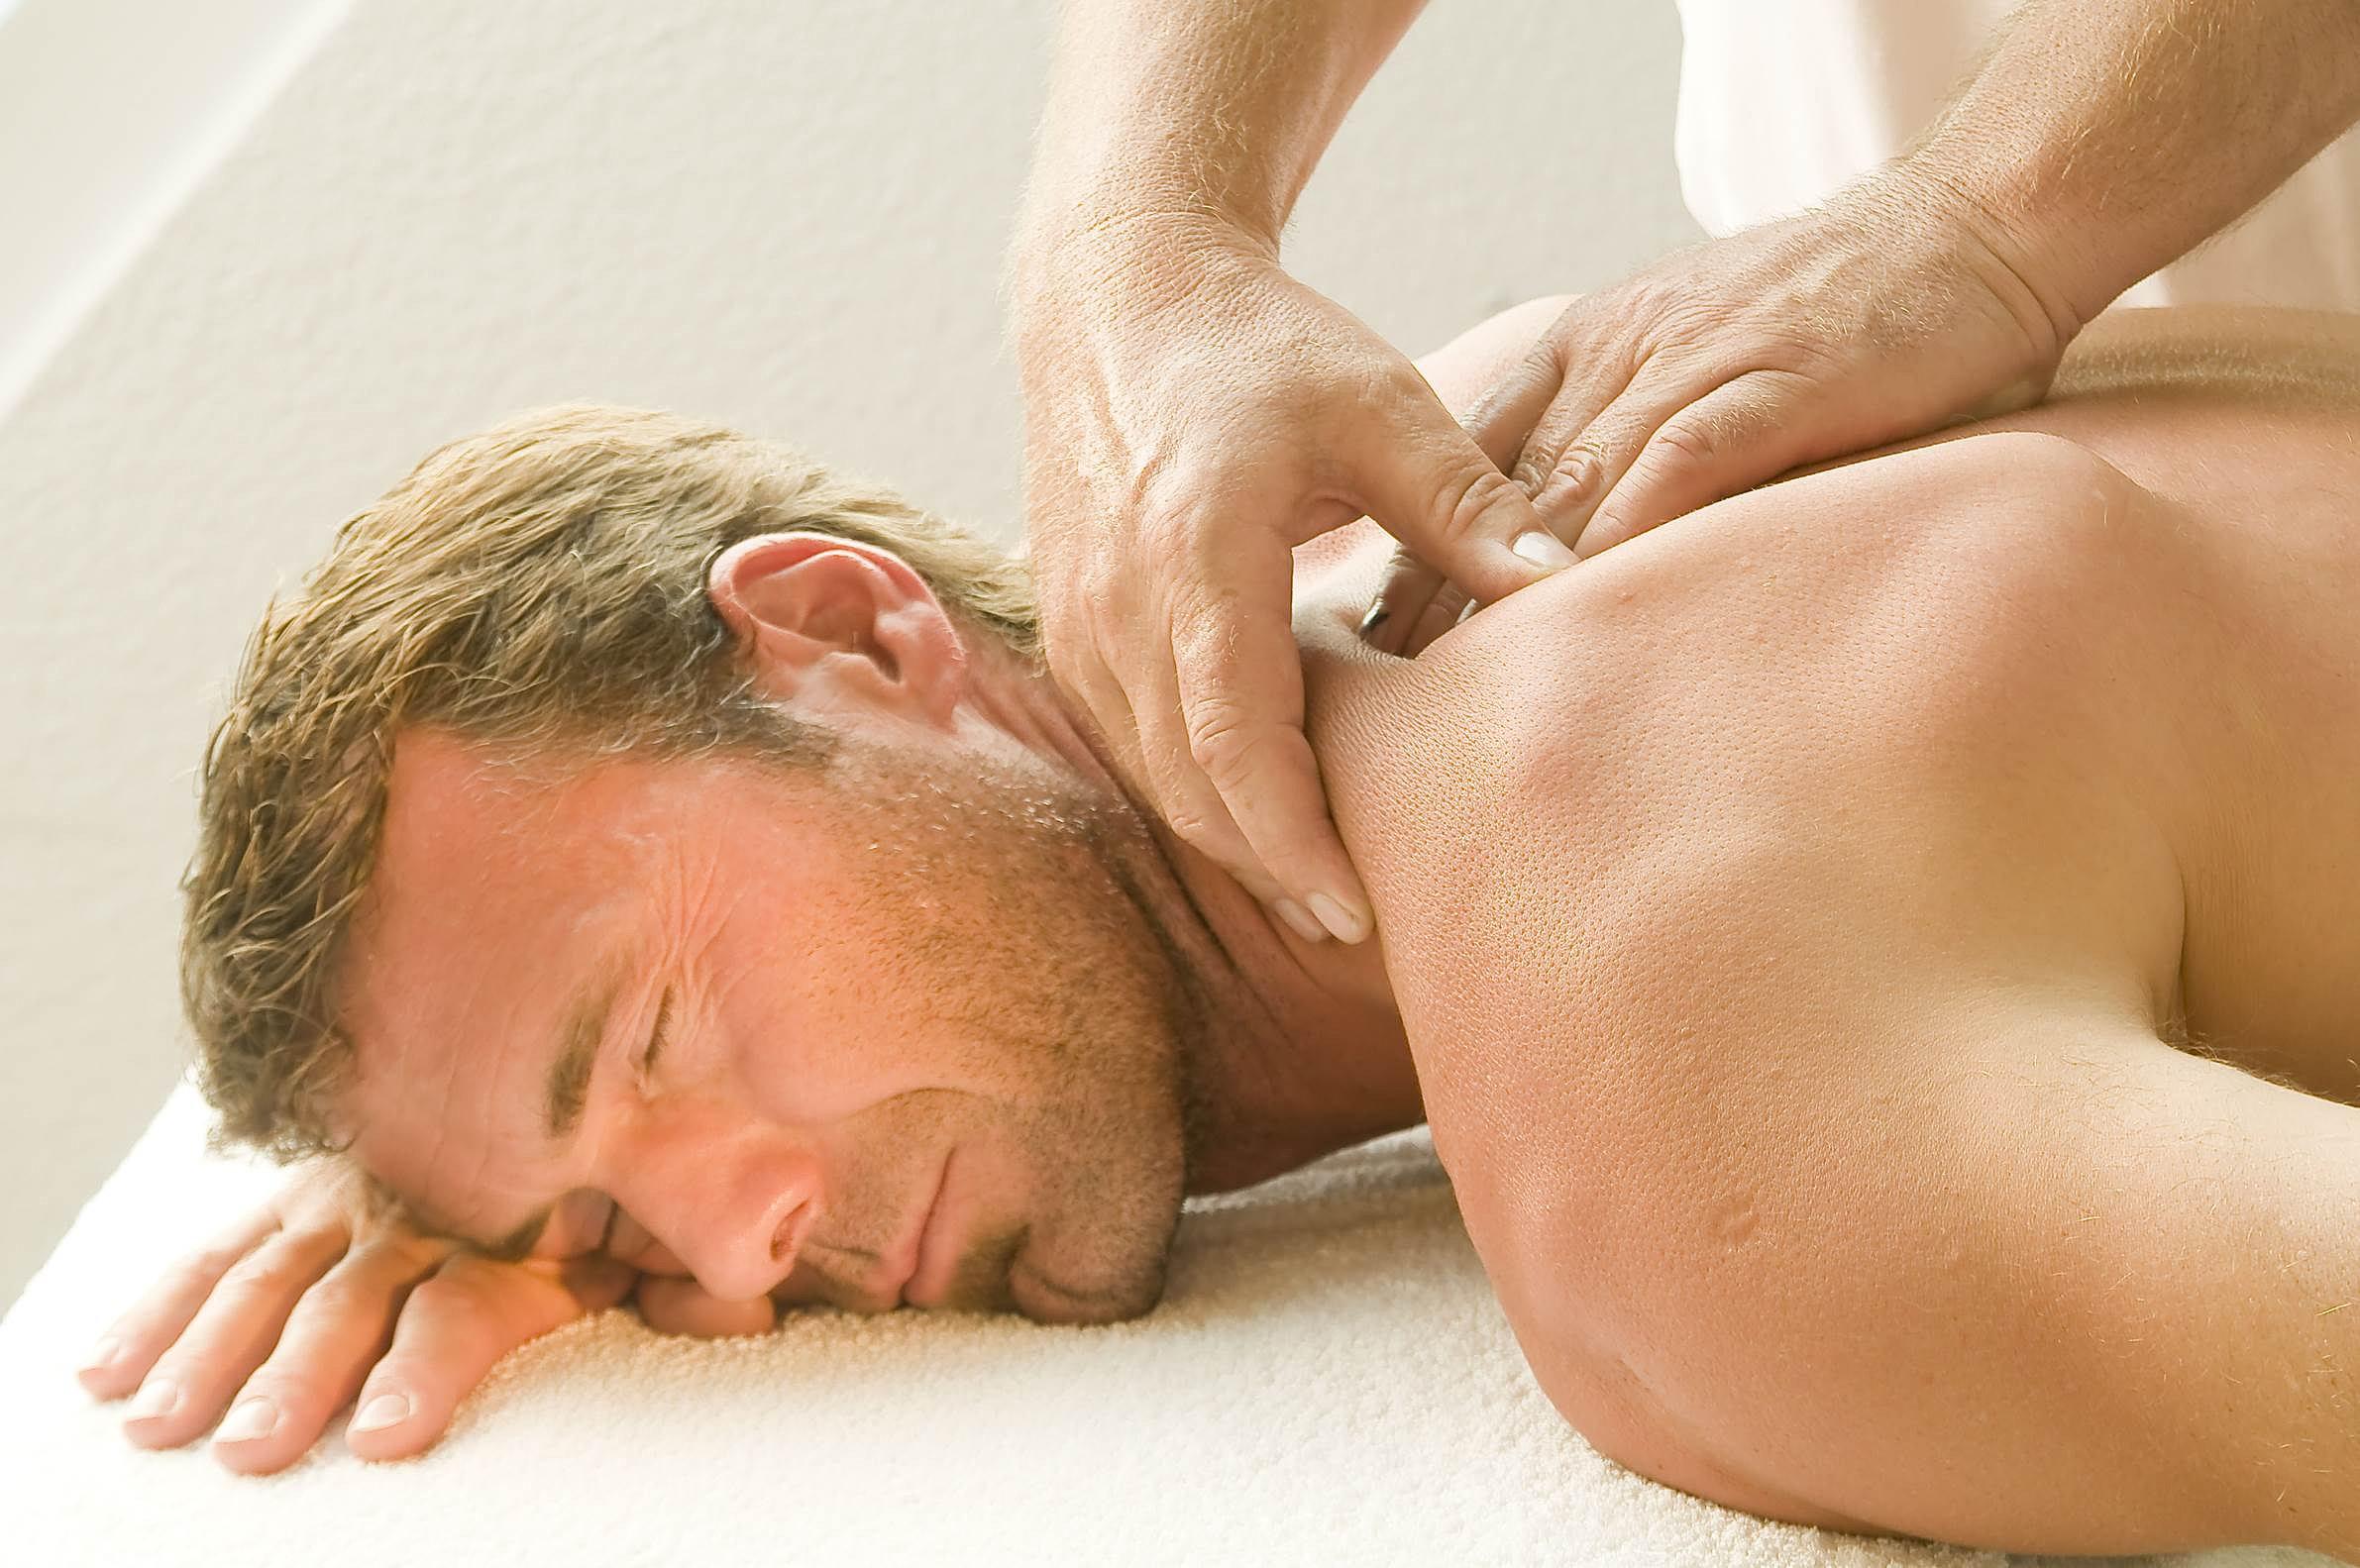 Эротический массаж в измайлово 23 фотография